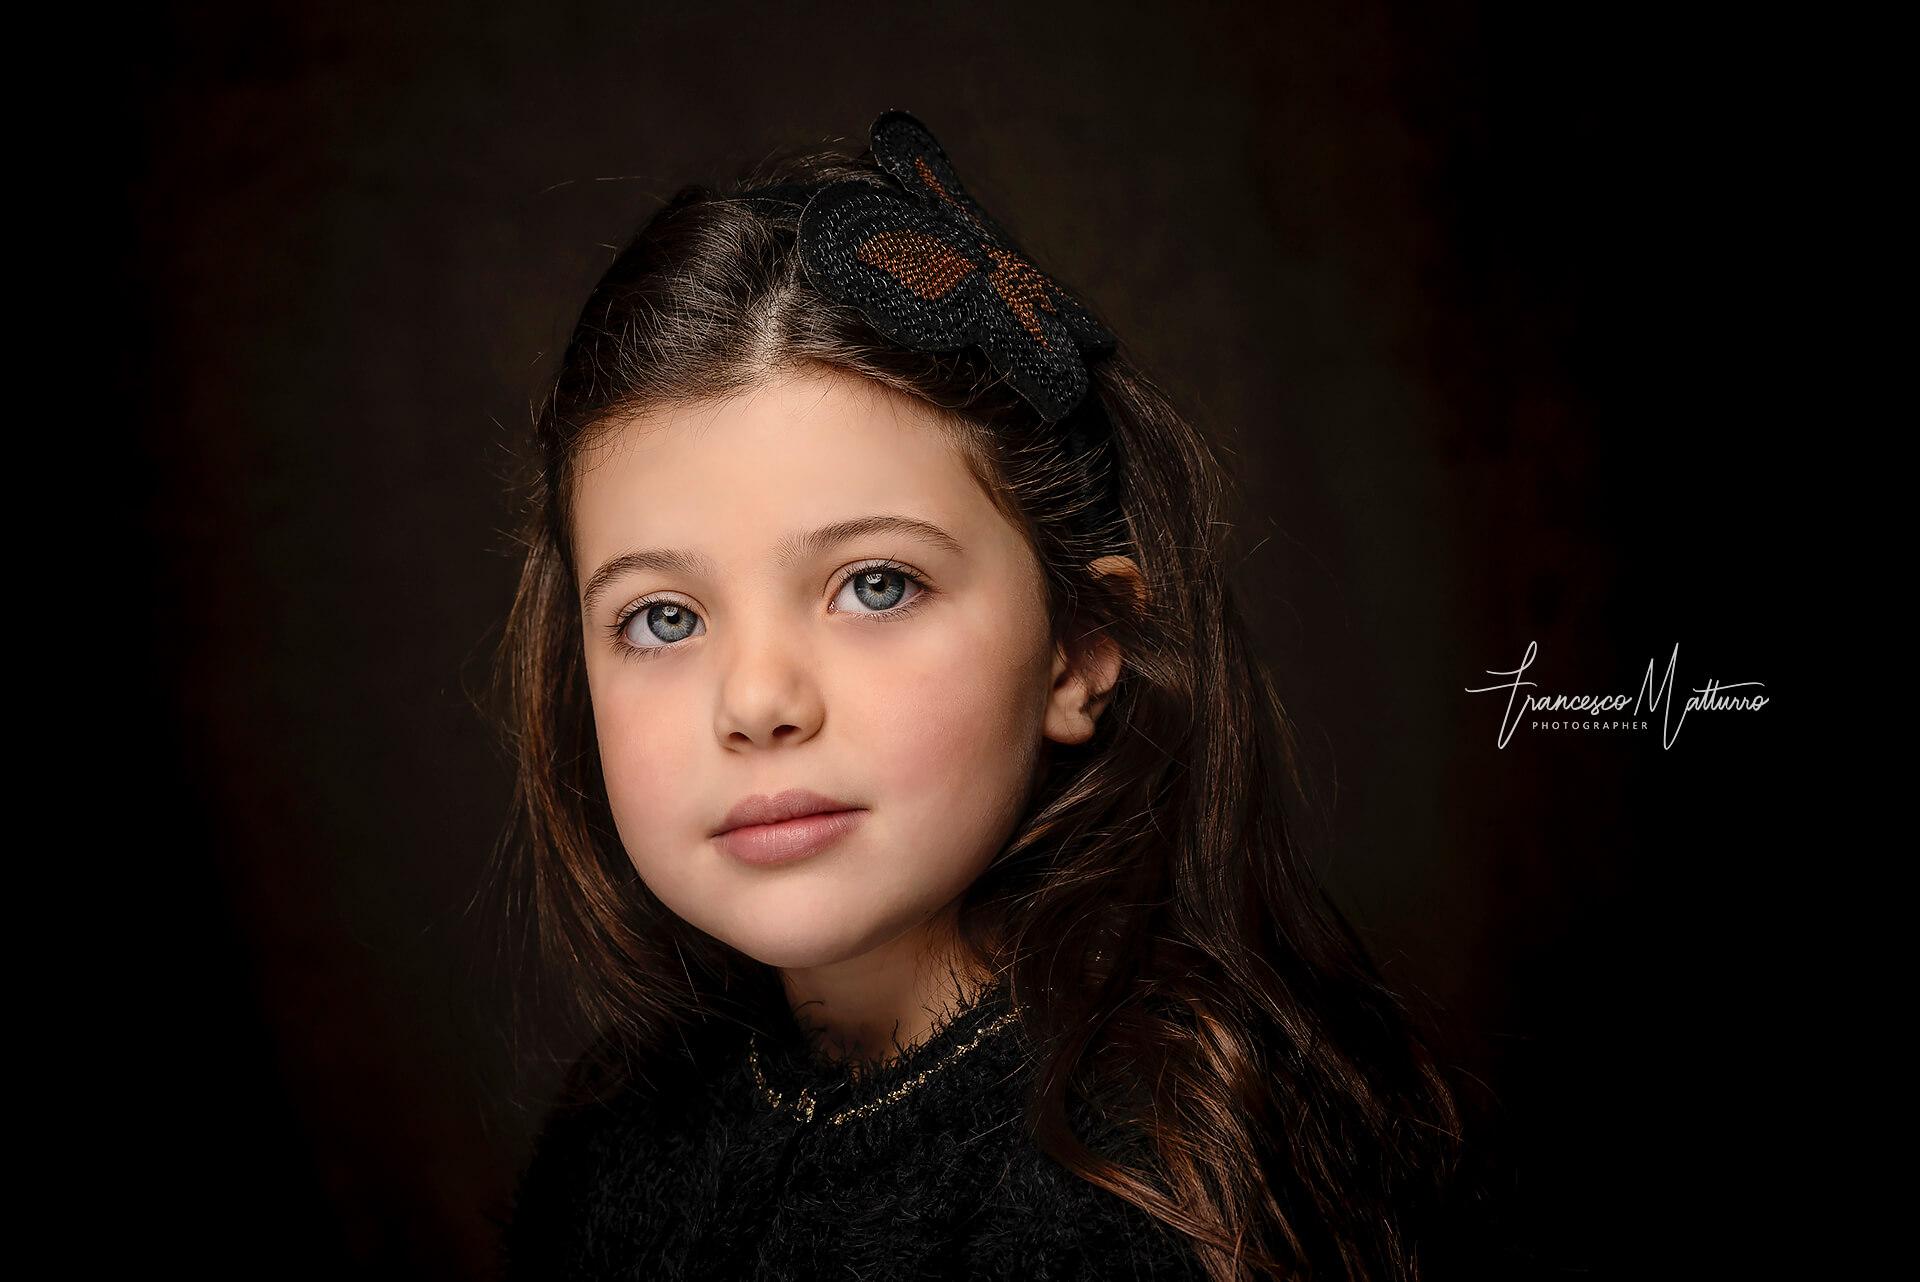 Ritratto fotografico di una bambina con la tecnica fine art in studio ad Asti di Francesco Matturro